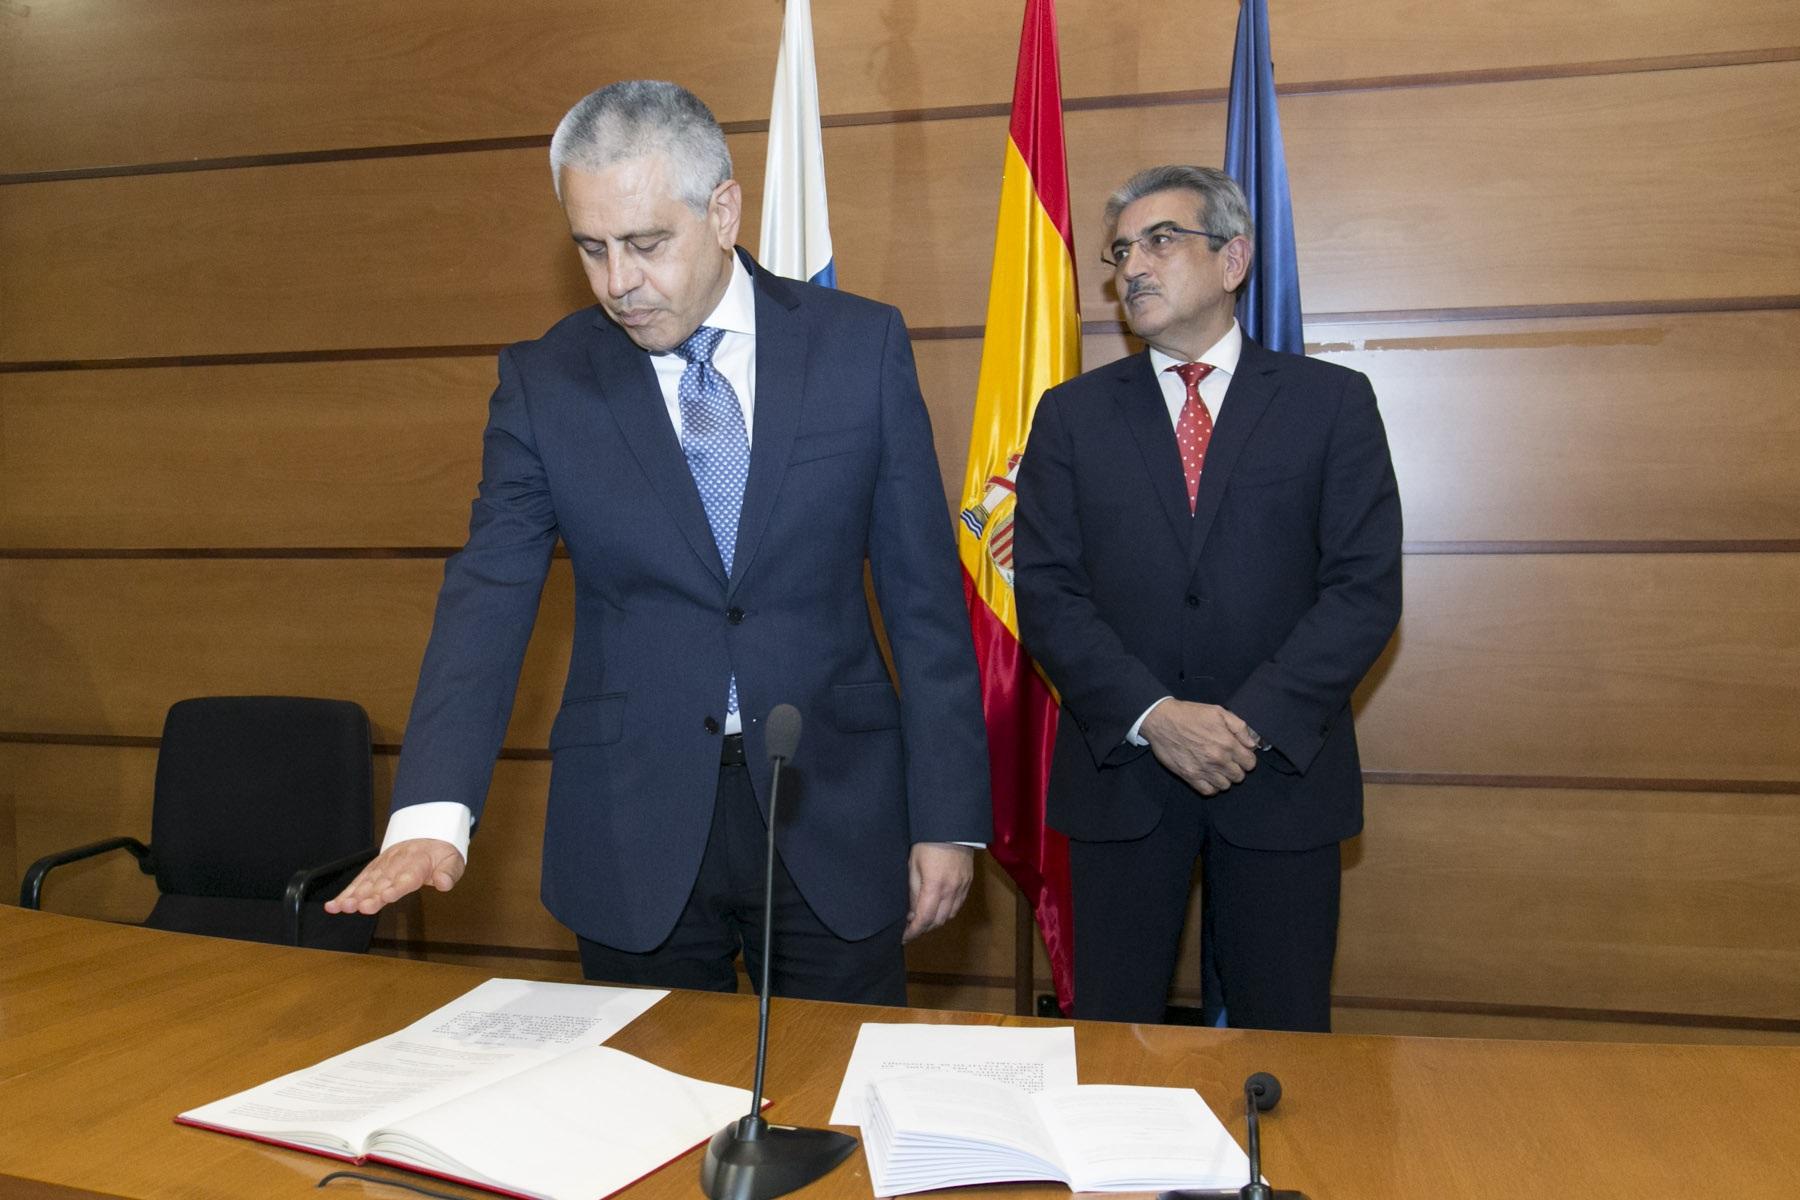 Román Rodríguez junto al viceconsejero de Hacienda y Planificación, Fermín Delgado García, y al director general de Patrimonio y Contratación, José Julián Isturitz.